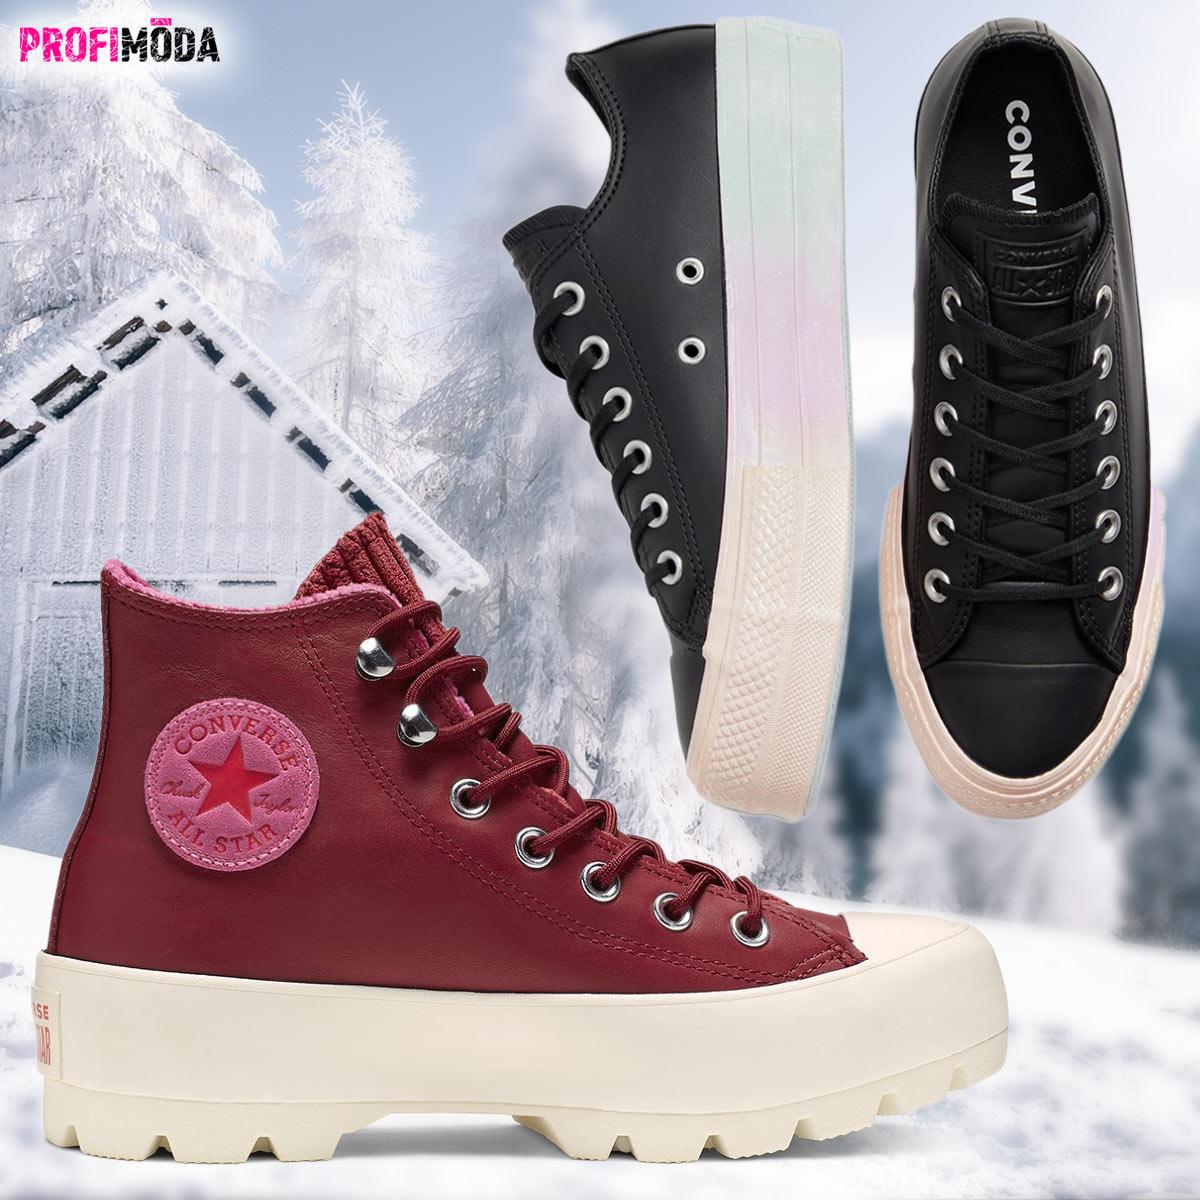 Conversky jako trendy zimní obuv 2020: Jsou na vyšší podrážce a z kůže.